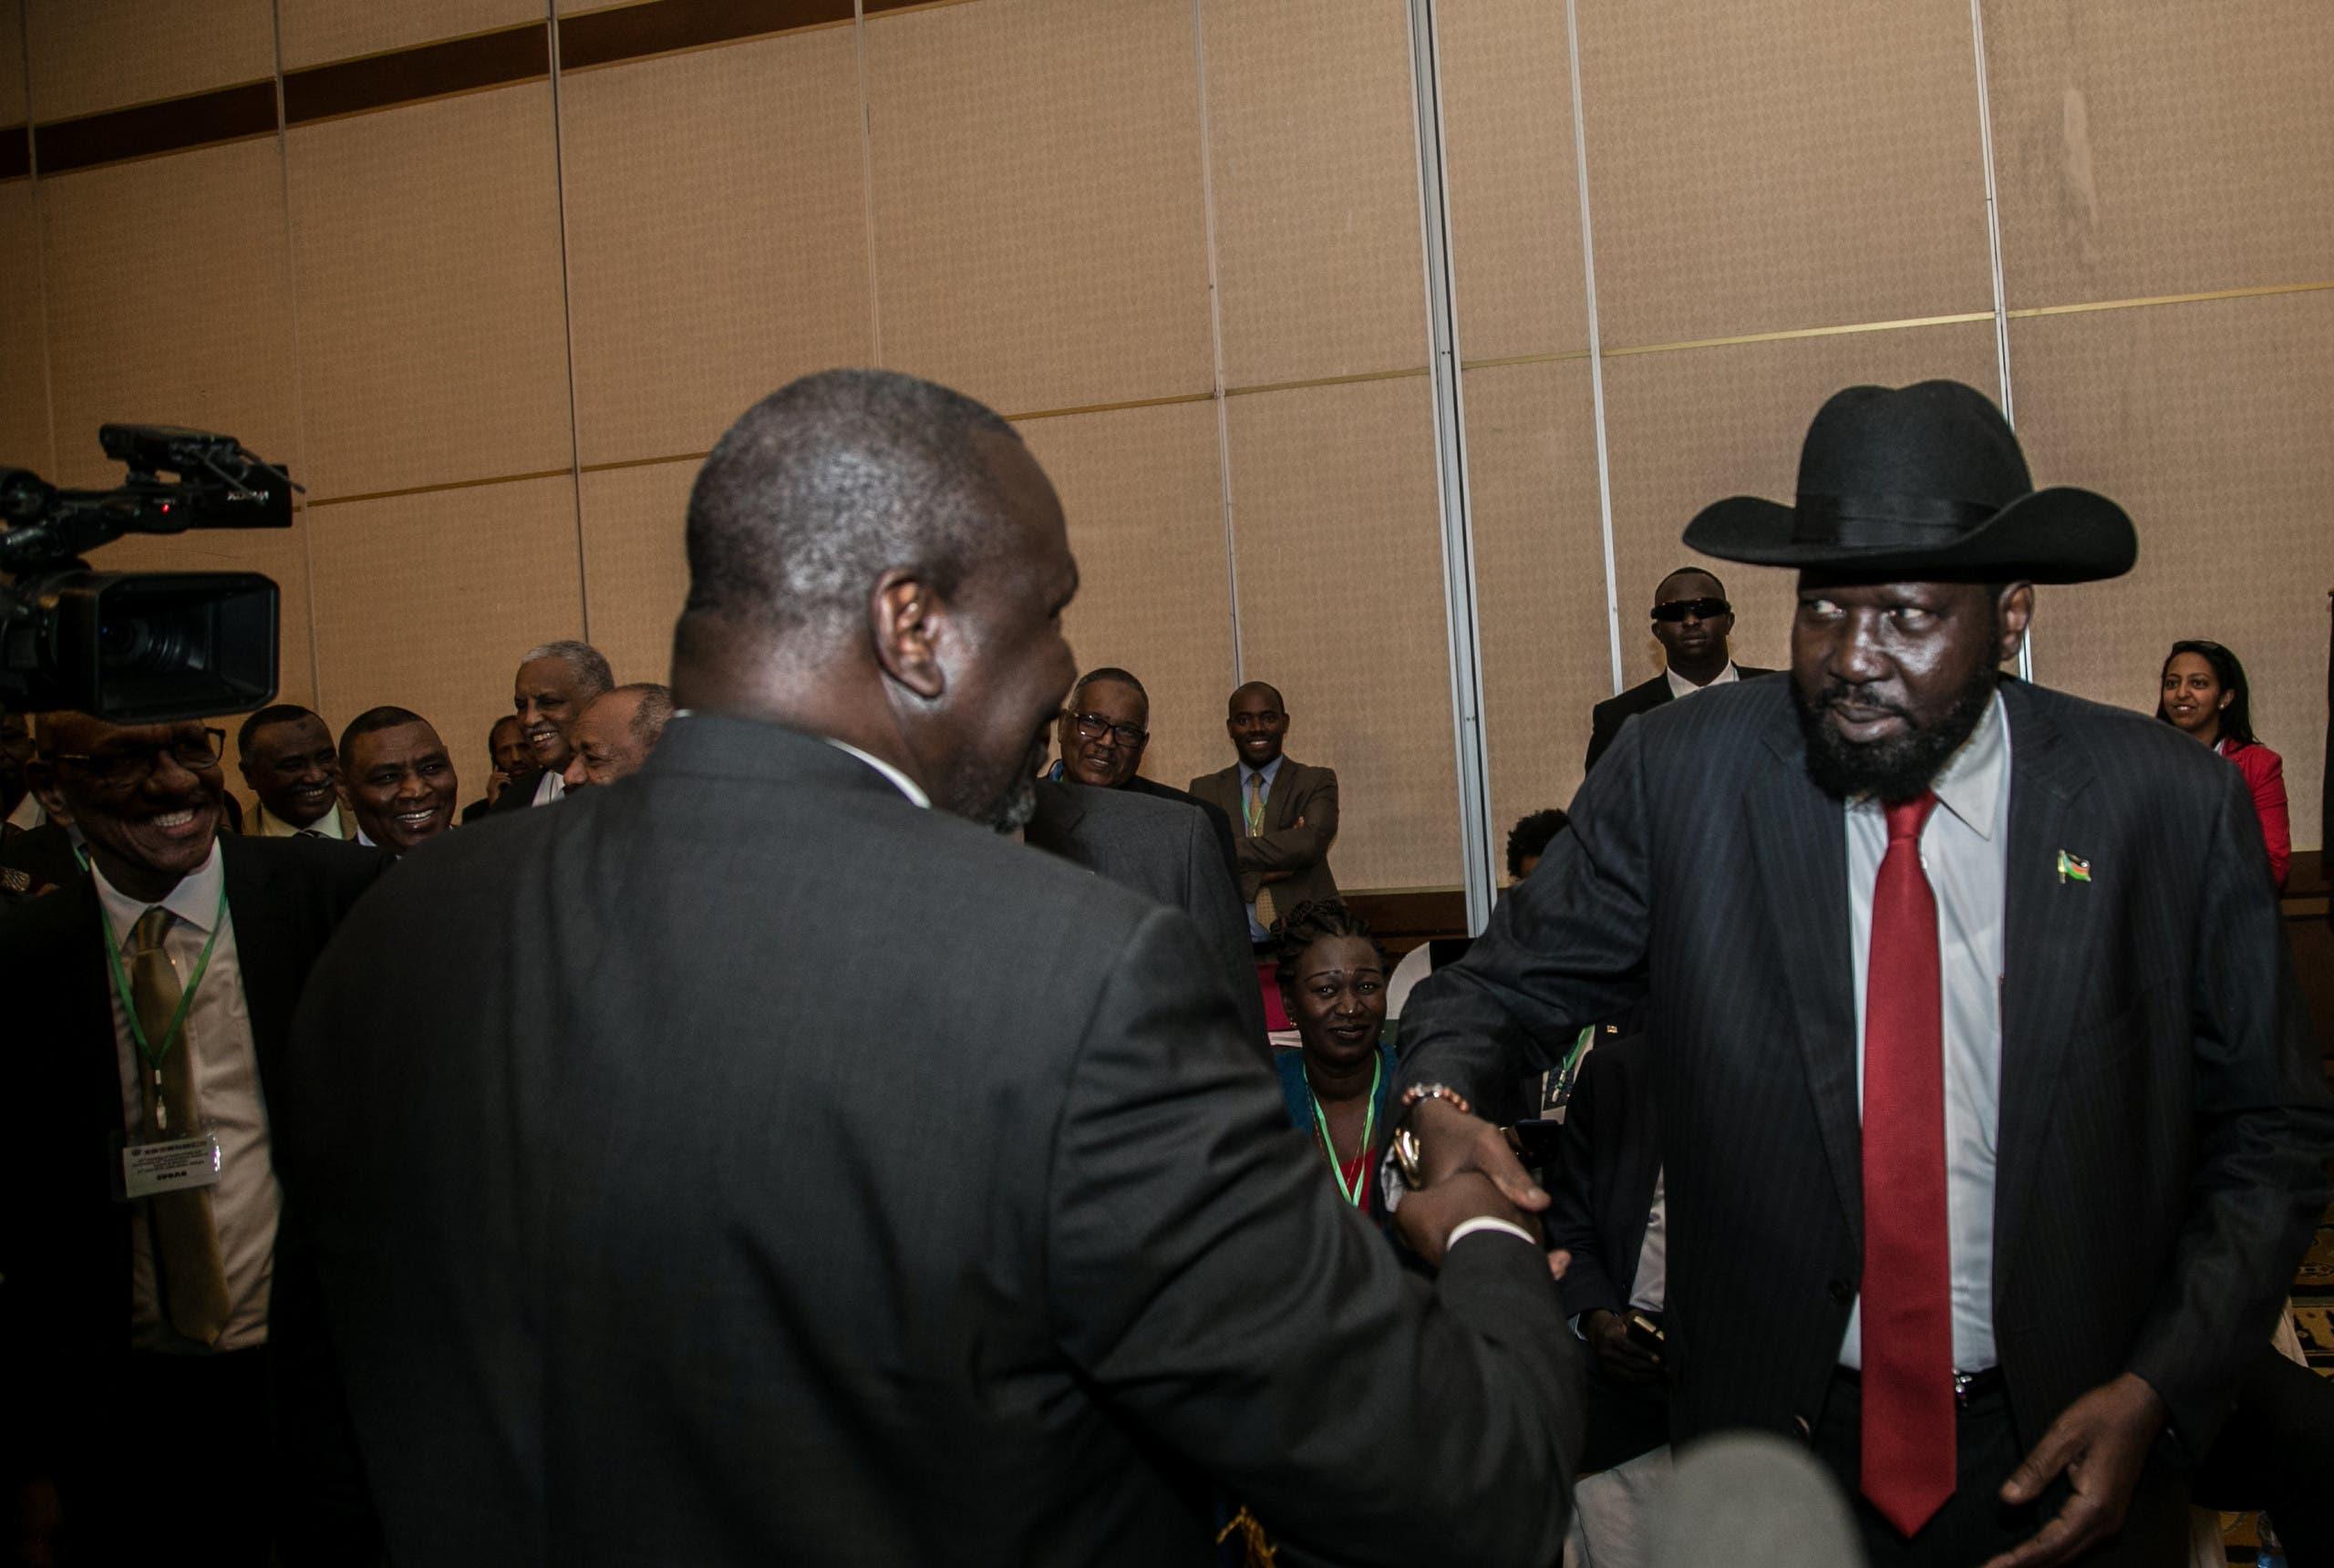 رئيس دولة جنوب السودان سلفاكير مع زعيم التمرد ريك مشار (أرشيفية)